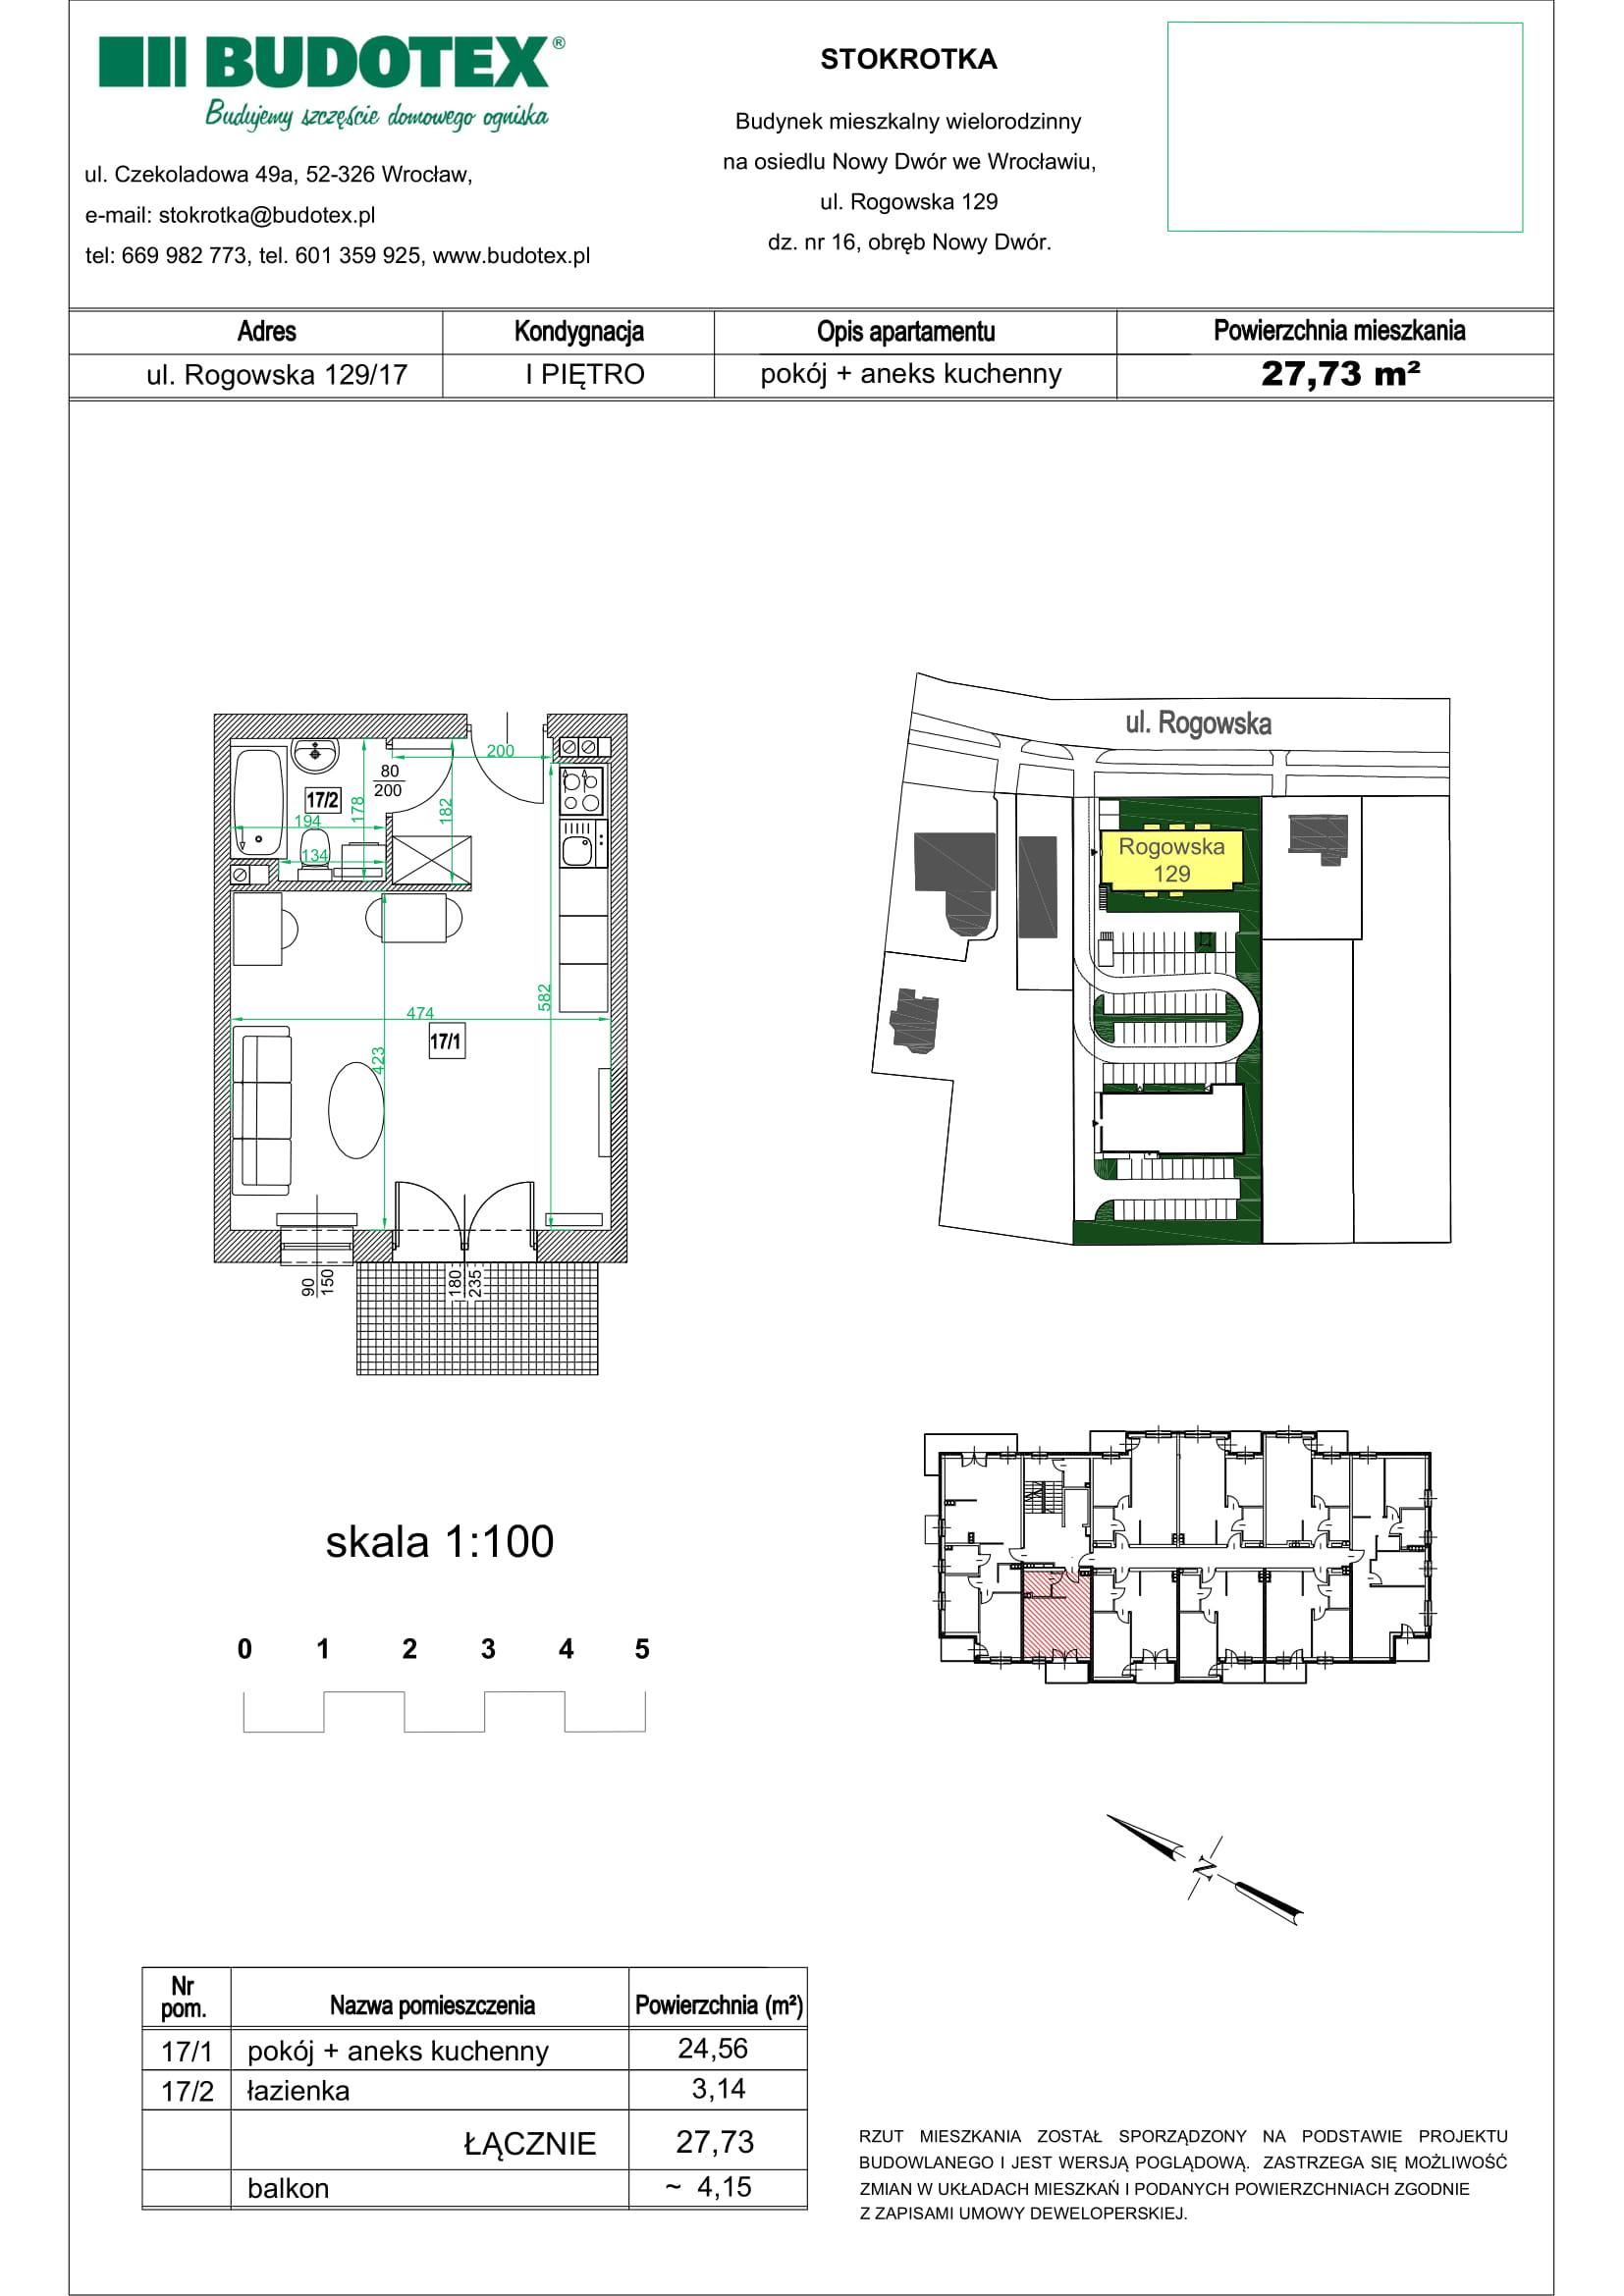 Mieszkanie nr 17